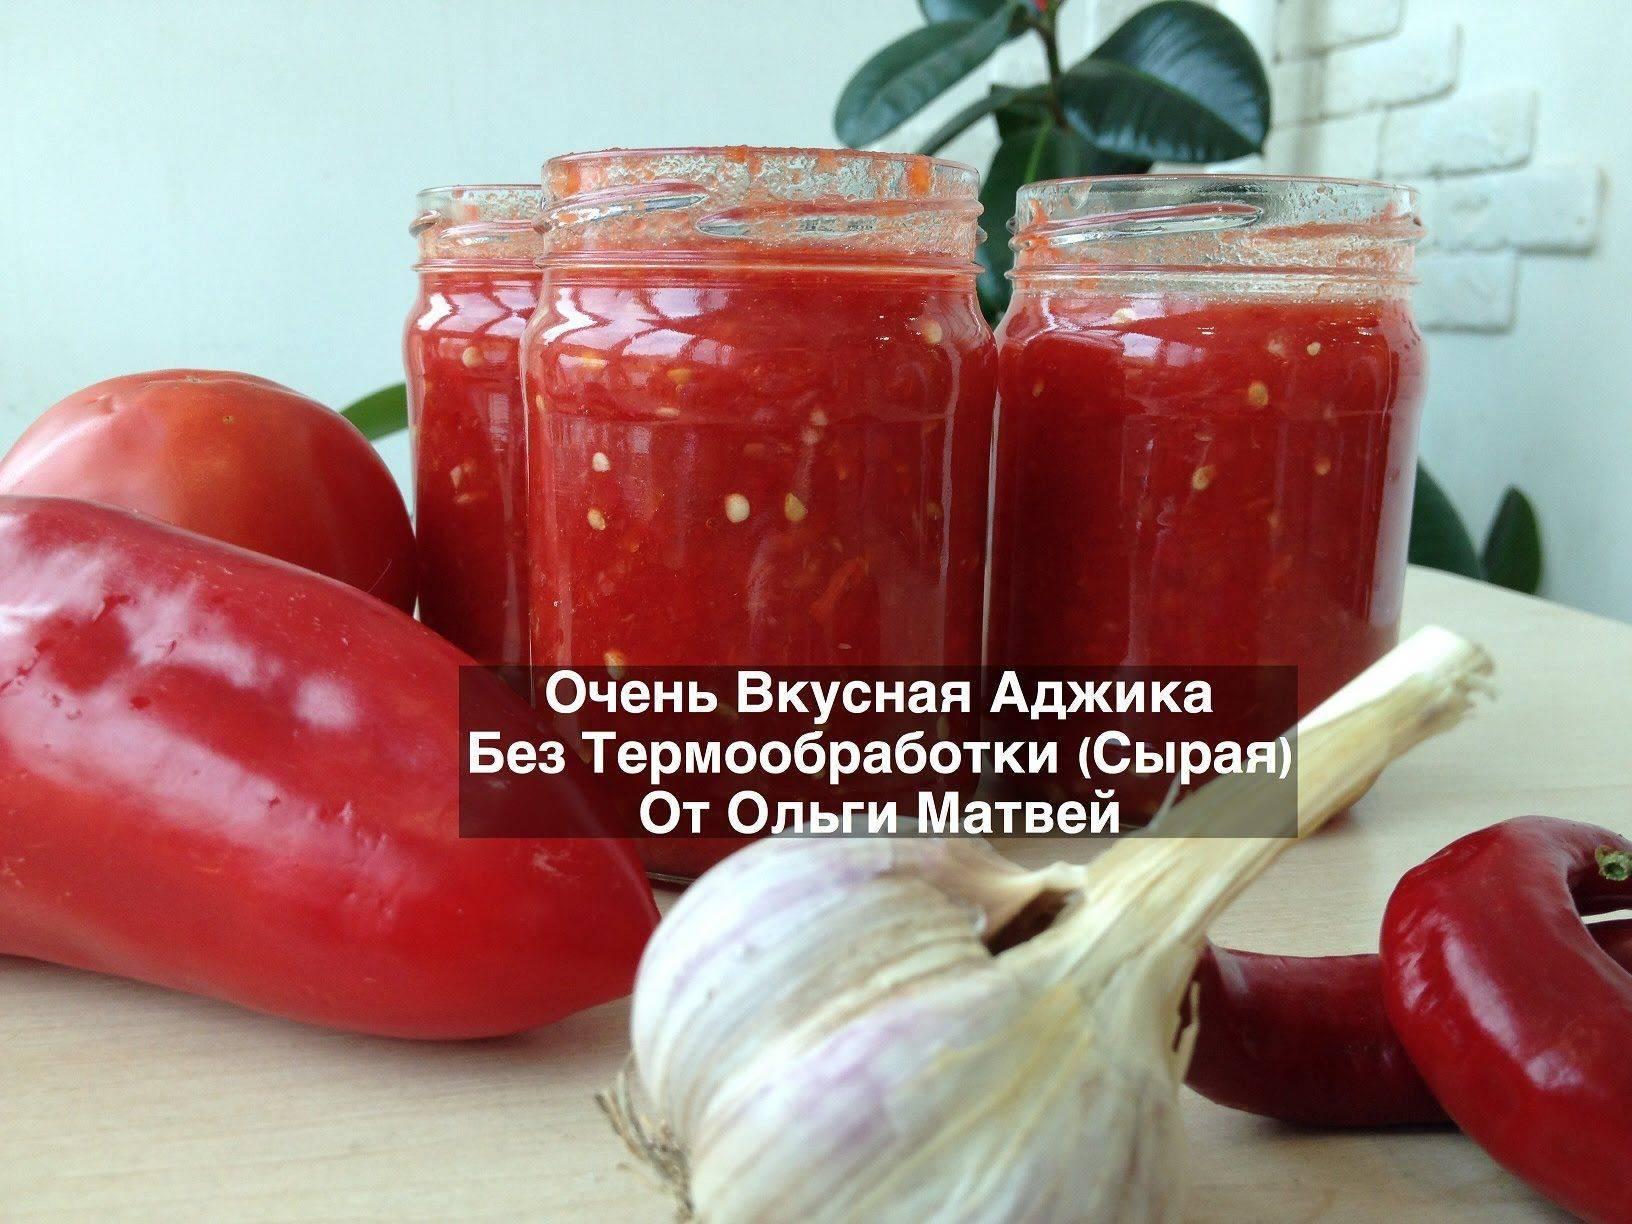 Аджика из помидор с яблоками на зиму — рецепты приготовления